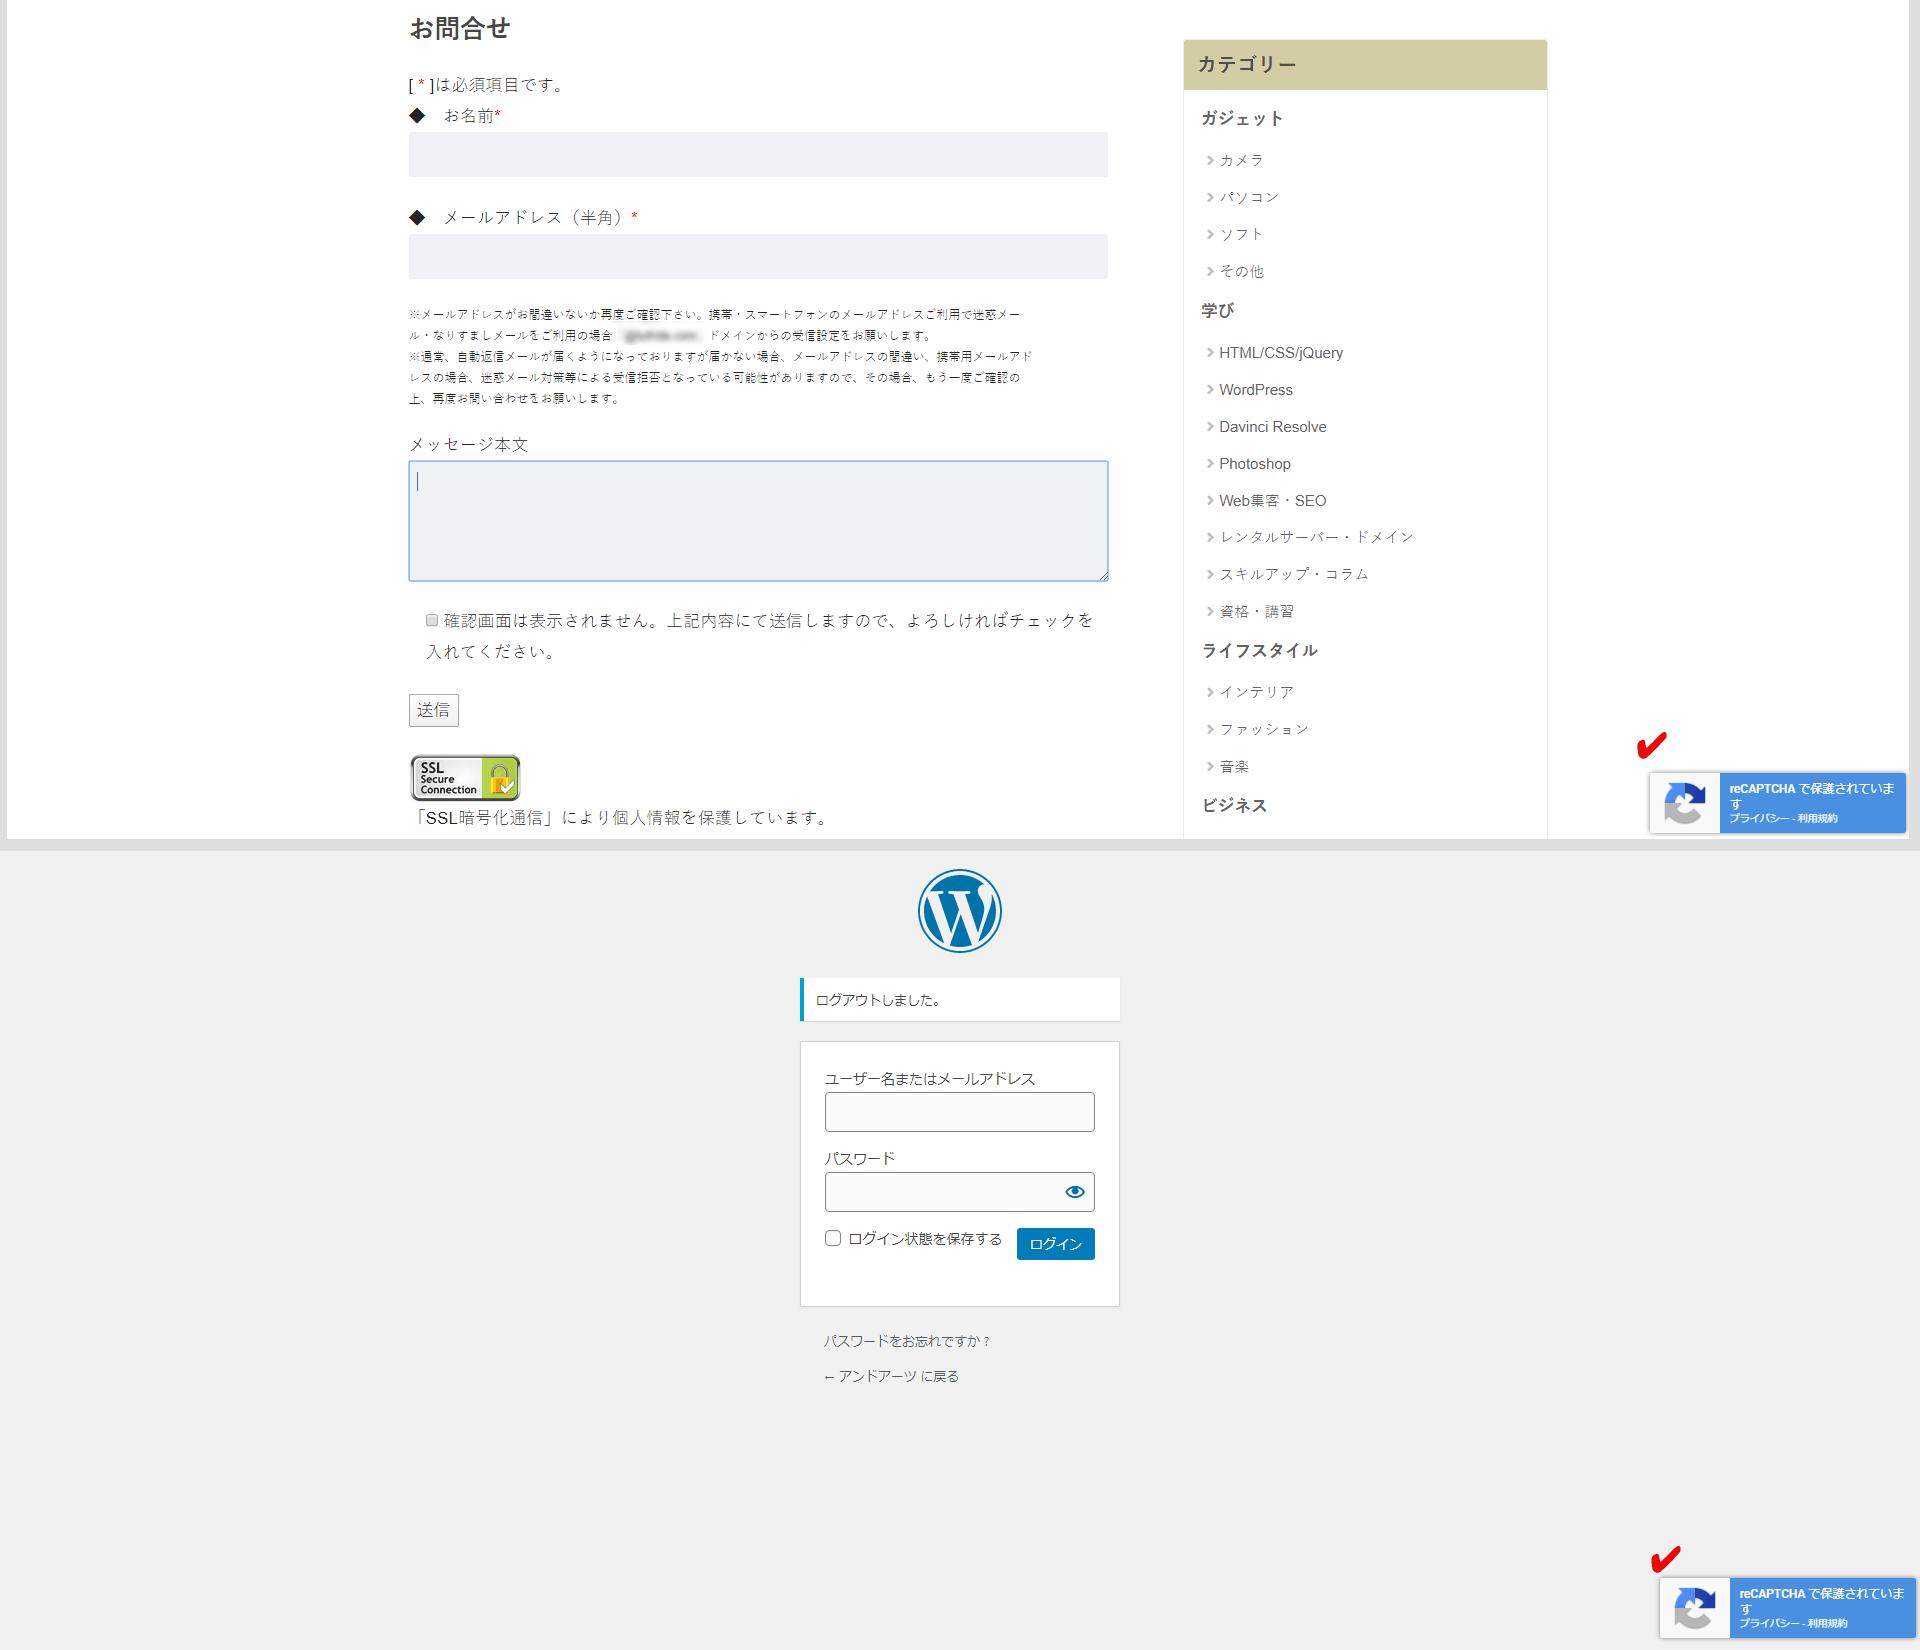 プラグイン Invisible reCaptcha ログイン&メールフォーム設置例 / WordPressカスタマイズ